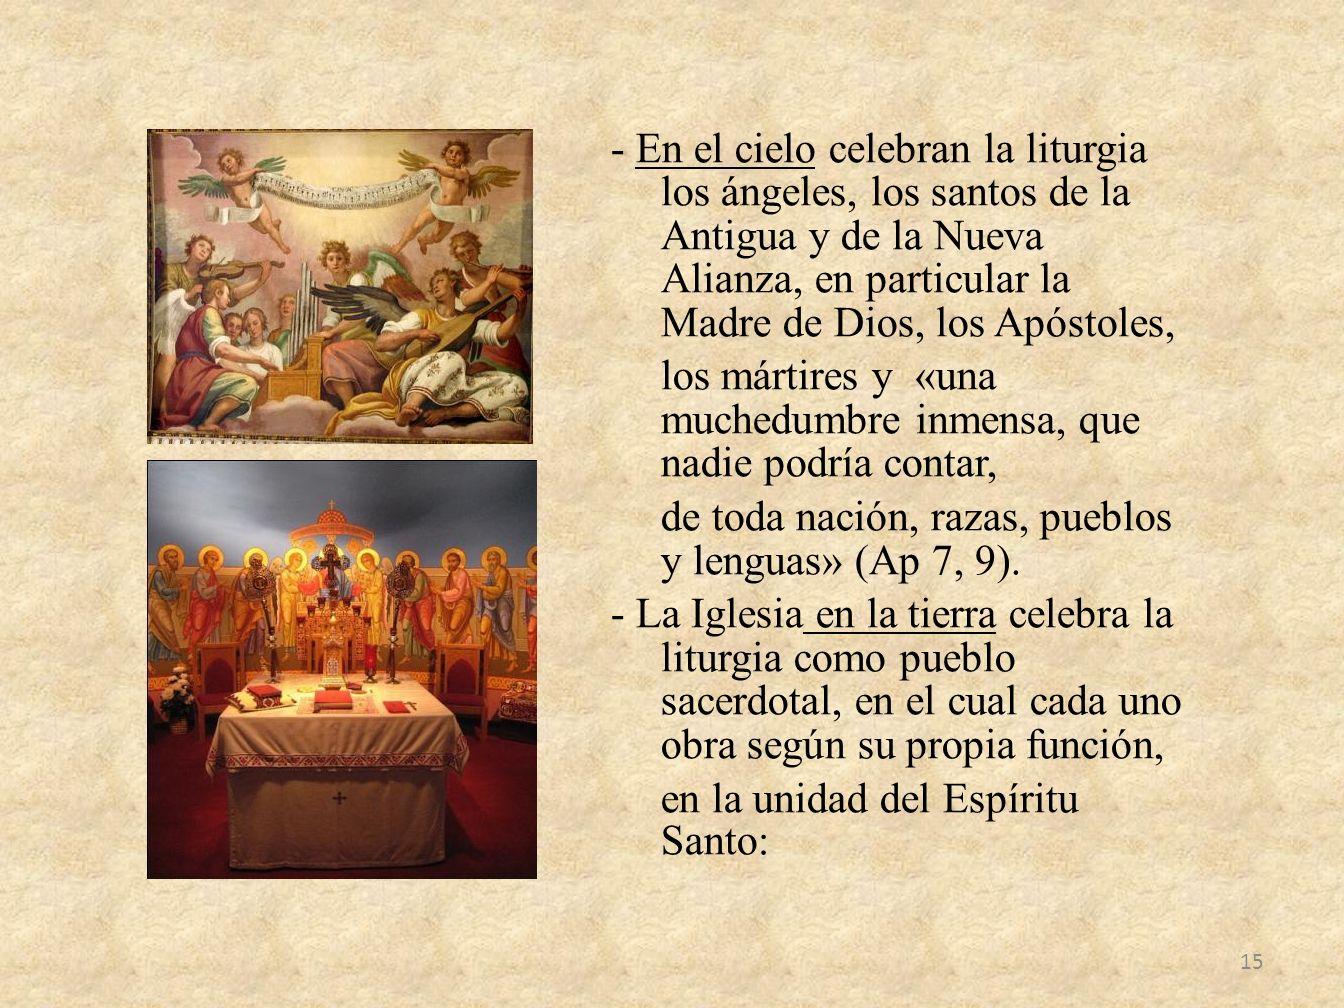 - En el cielo celebran la liturgia los ángeles, los santos de la Antigua y de la Nueva Alianza, en particular la Madre de Dios, los Apóstoles, los már